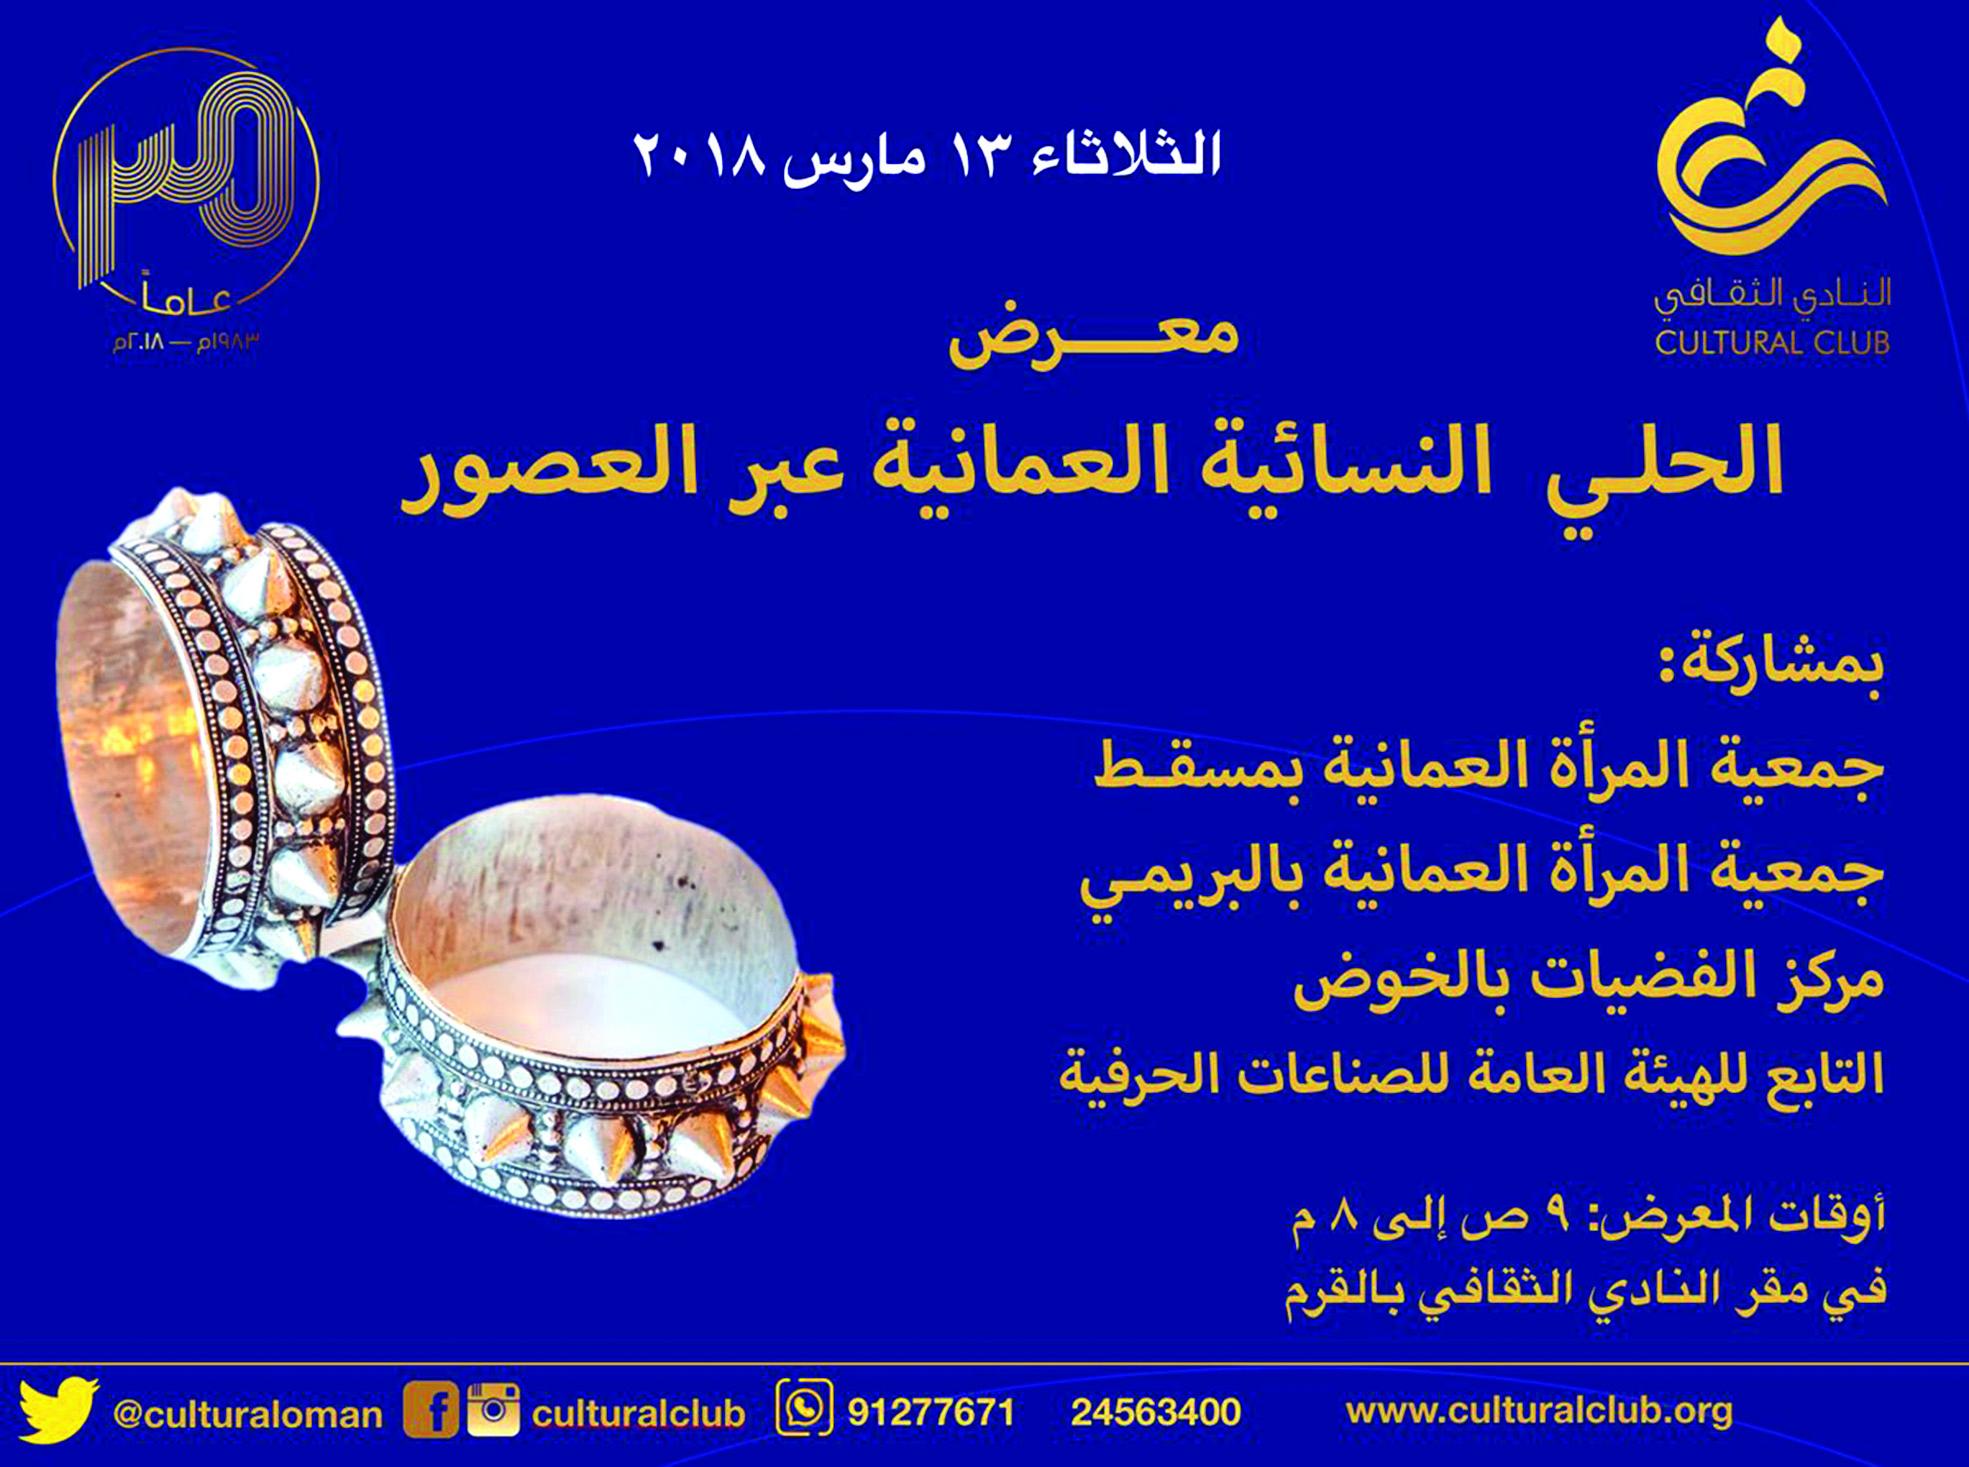 النادي الثقافي يعرض تاريخ الحُلي النسائية في عُمان